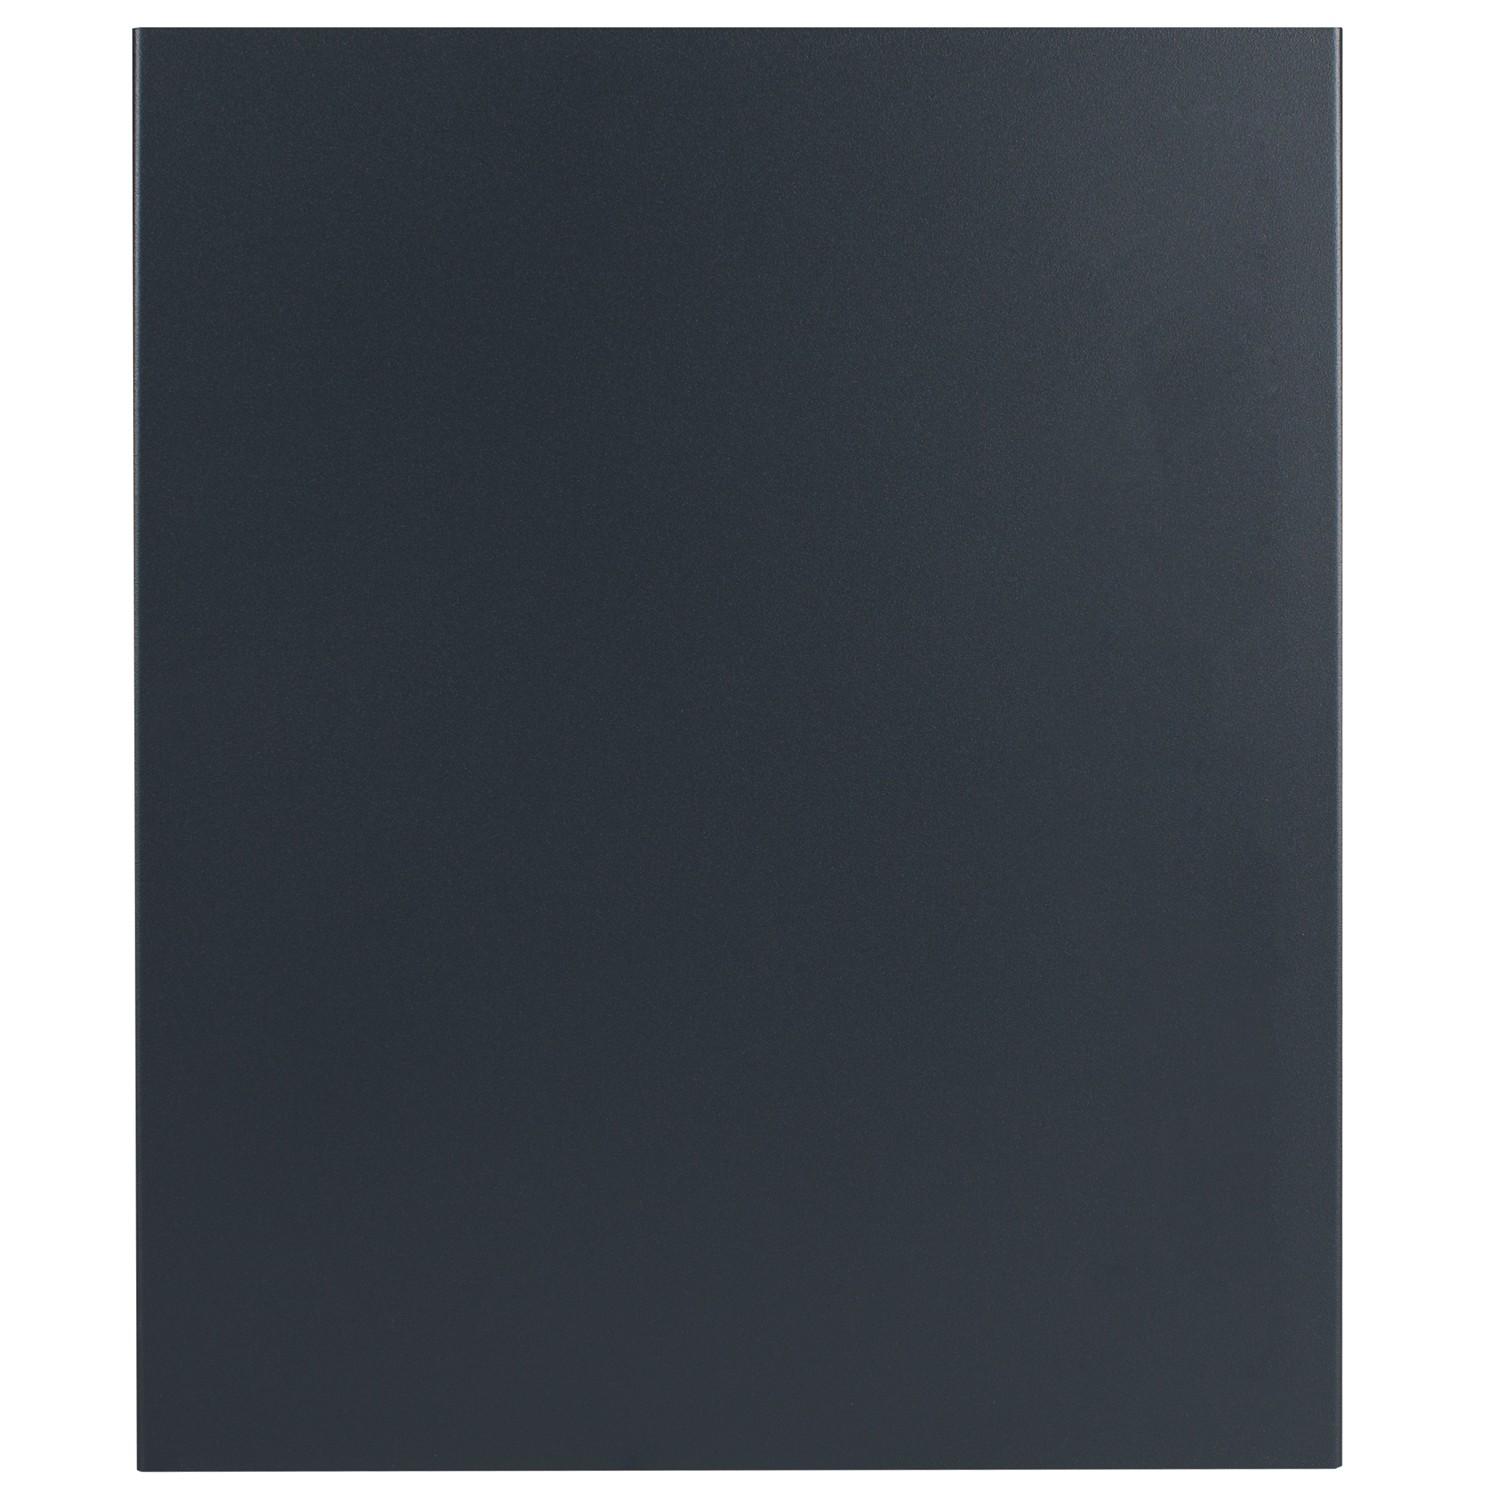 design briefkasten mit zeitungsfach anthrazit seidenglanz. Black Bedroom Furniture Sets. Home Design Ideas